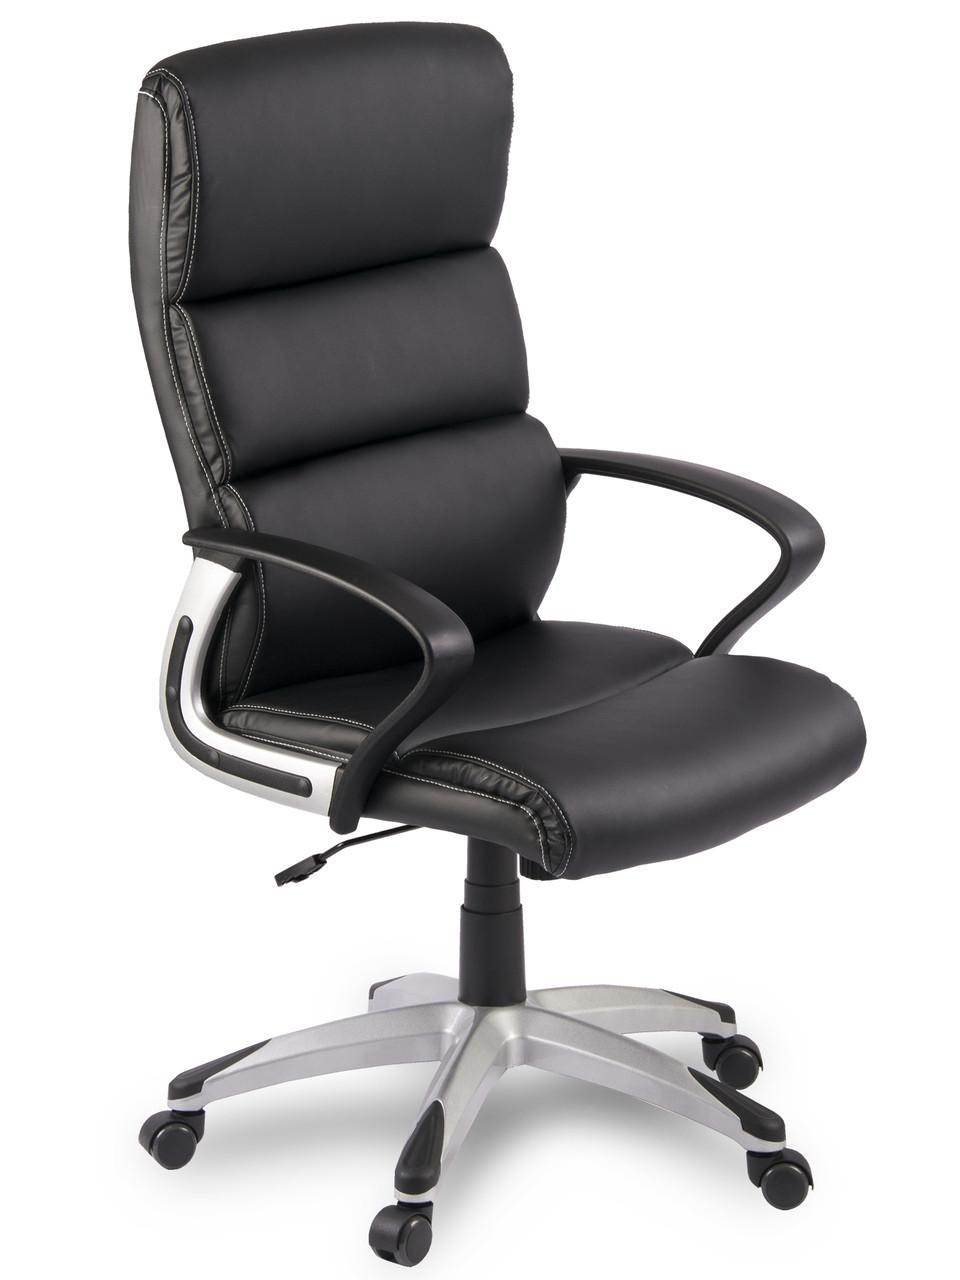 Кресло стул офисный поворотный Sofotel EG-228 черный